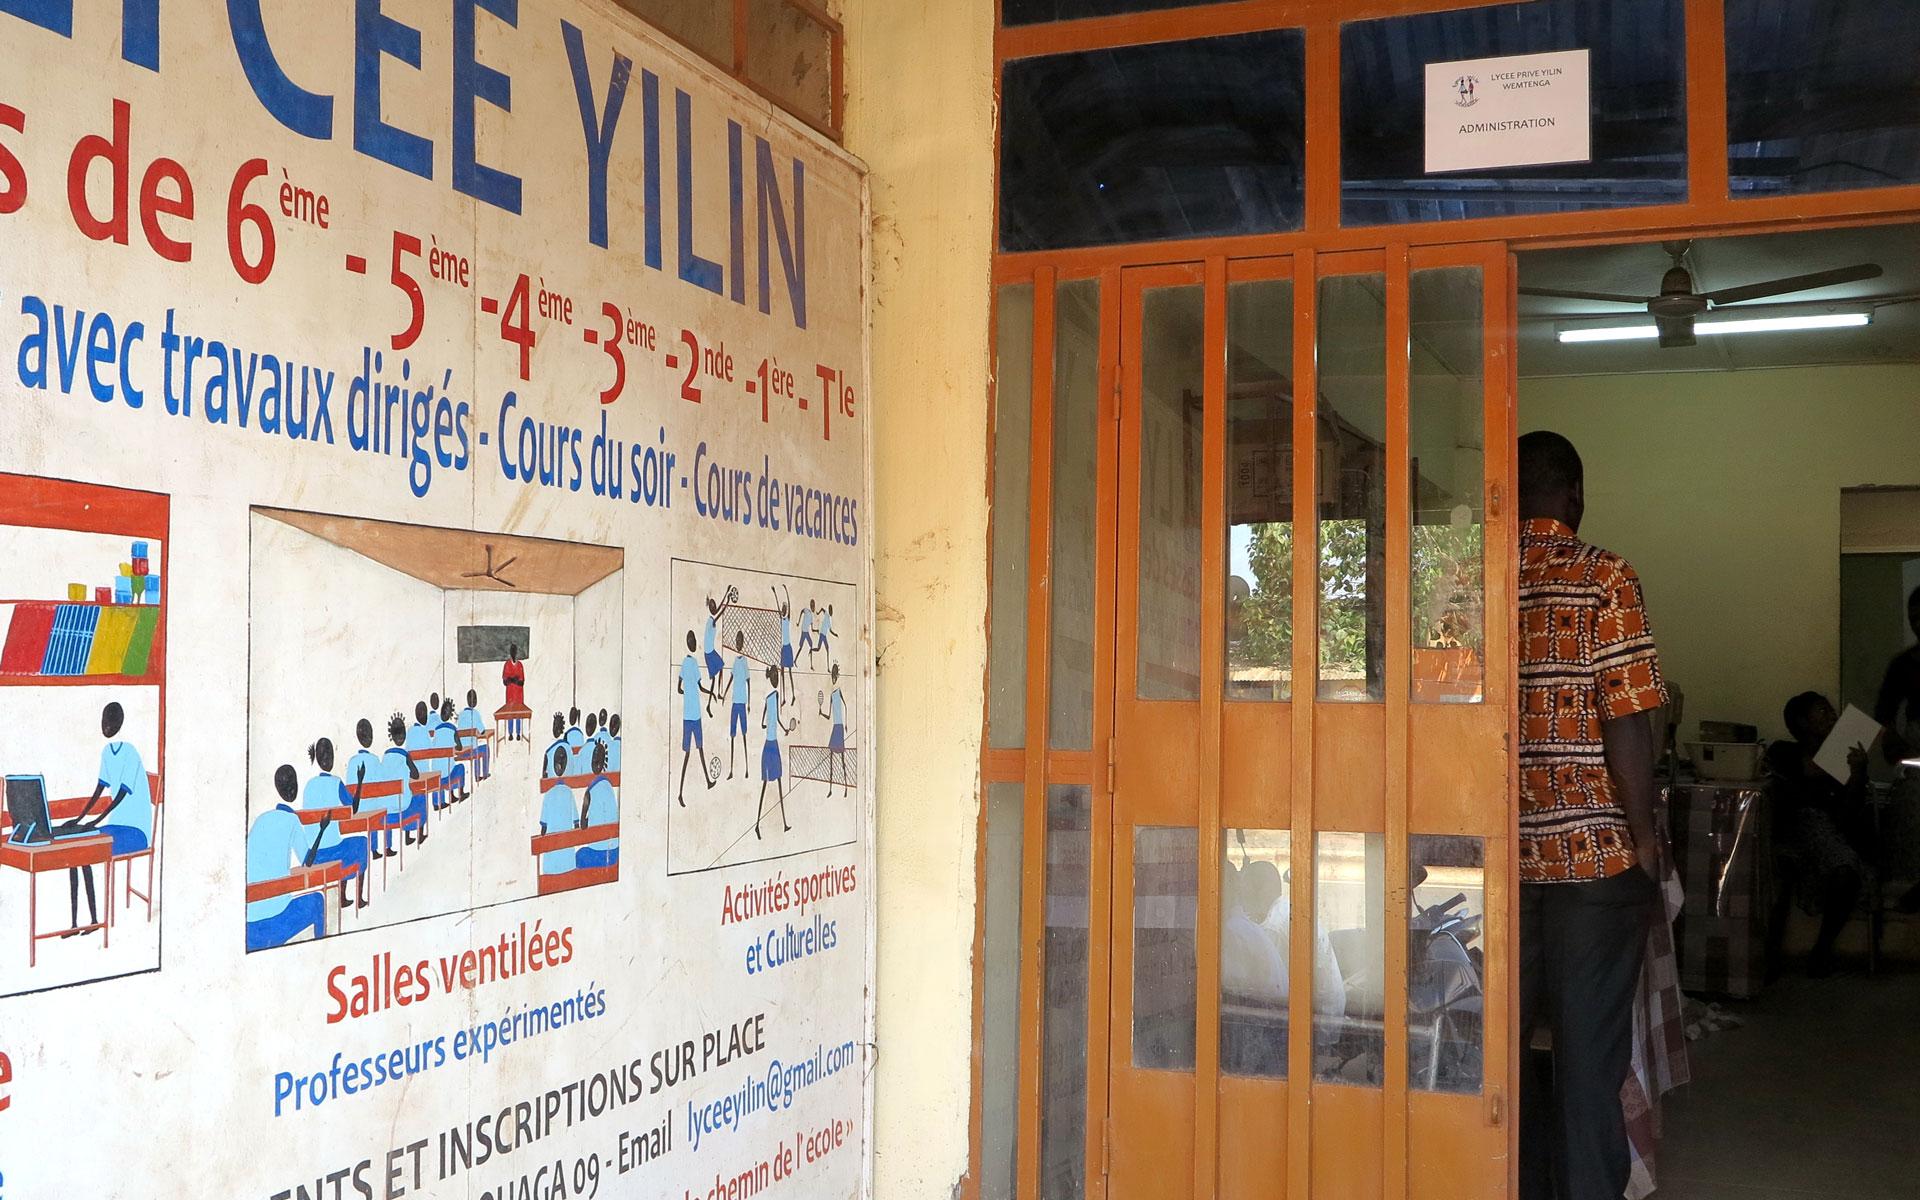 Ecole YILIN || KARONGASORE